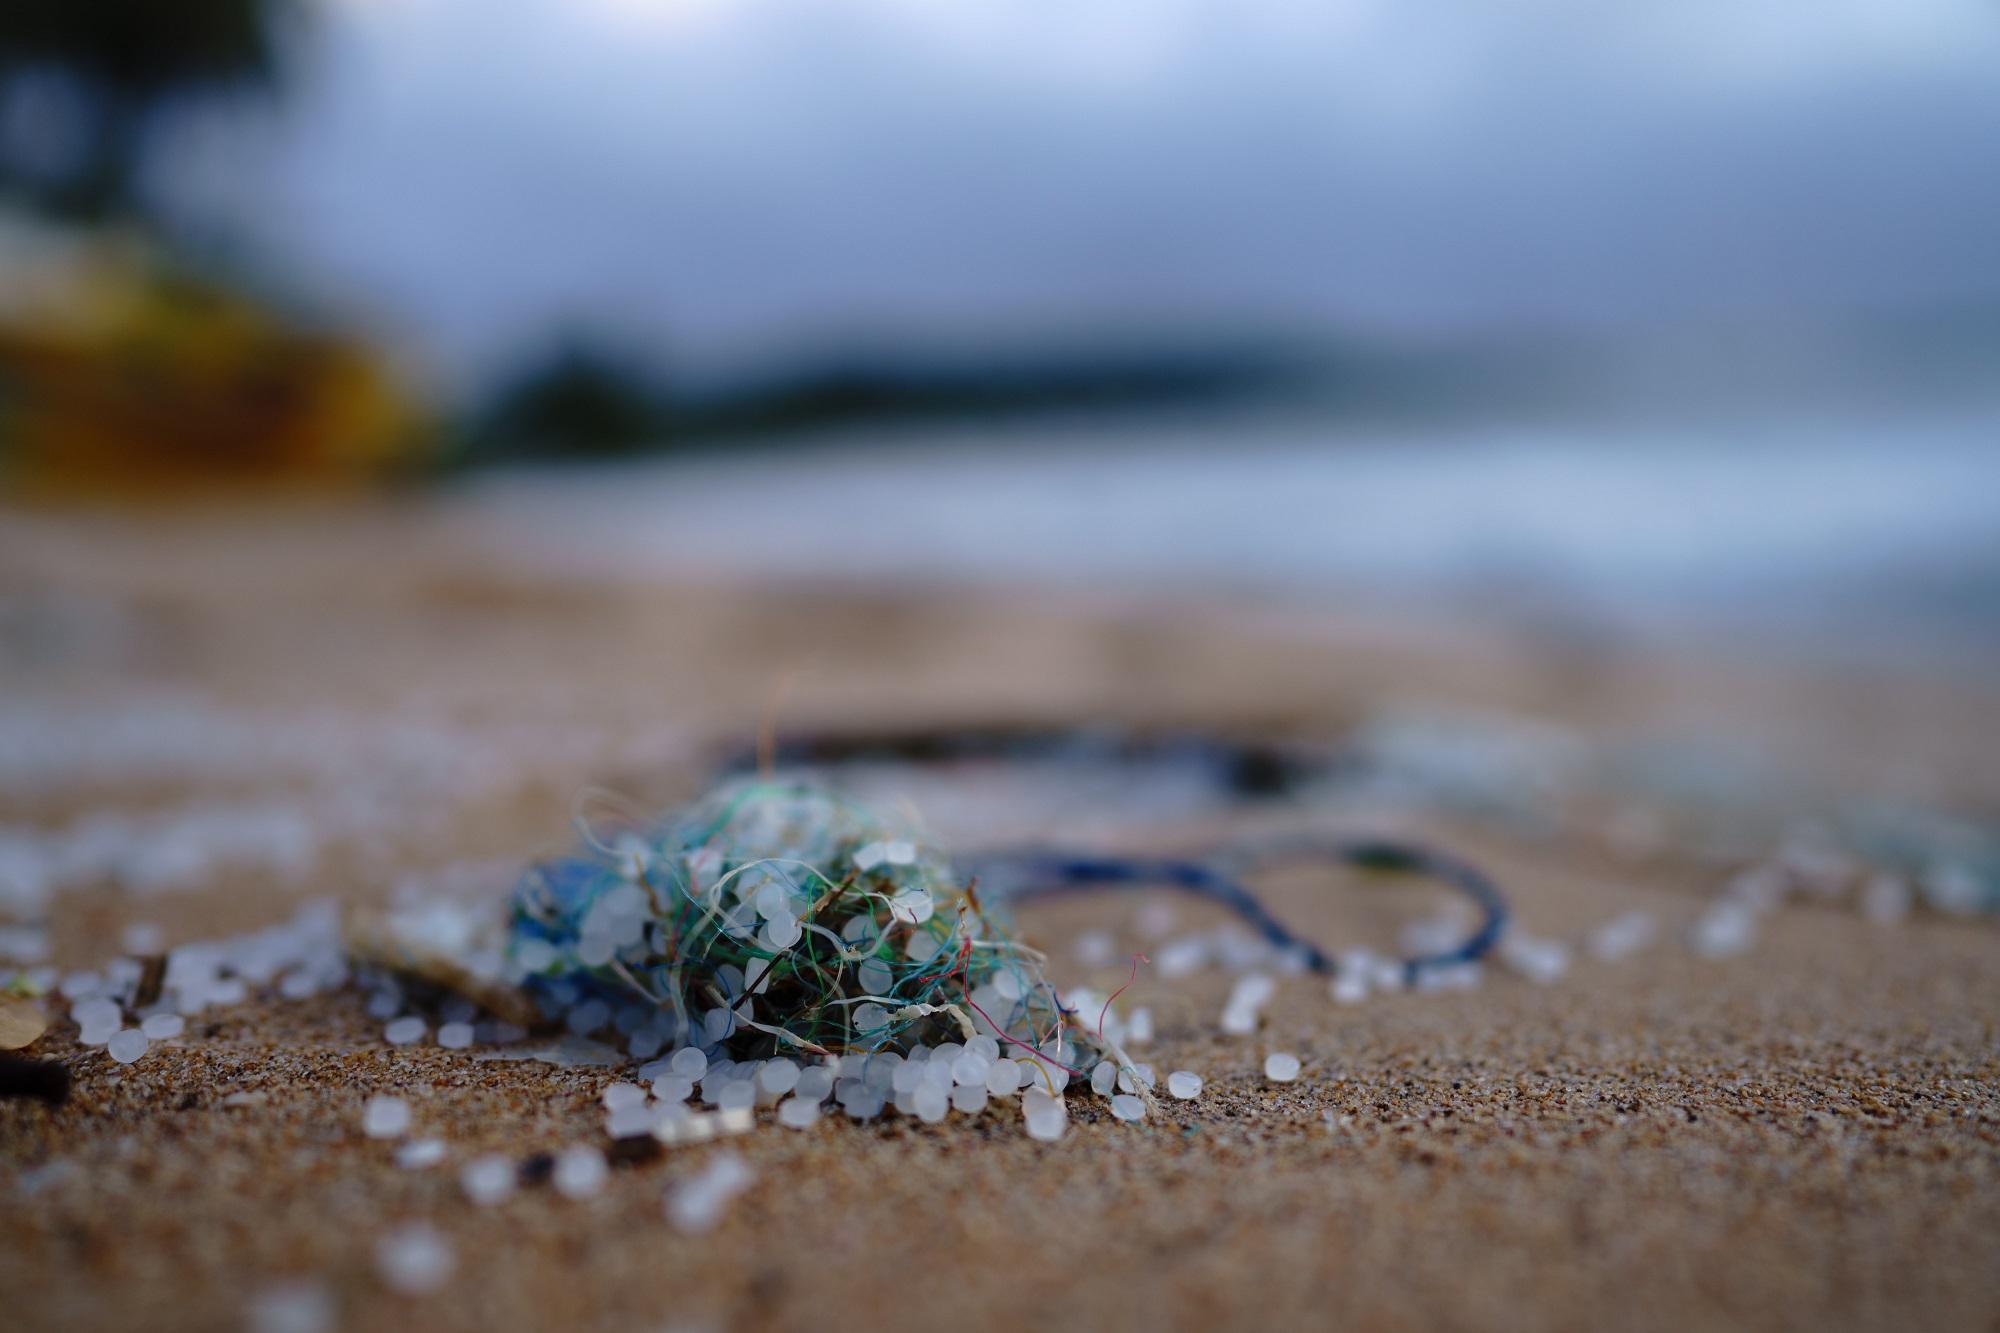 Microplastics and Plastic in the Sea